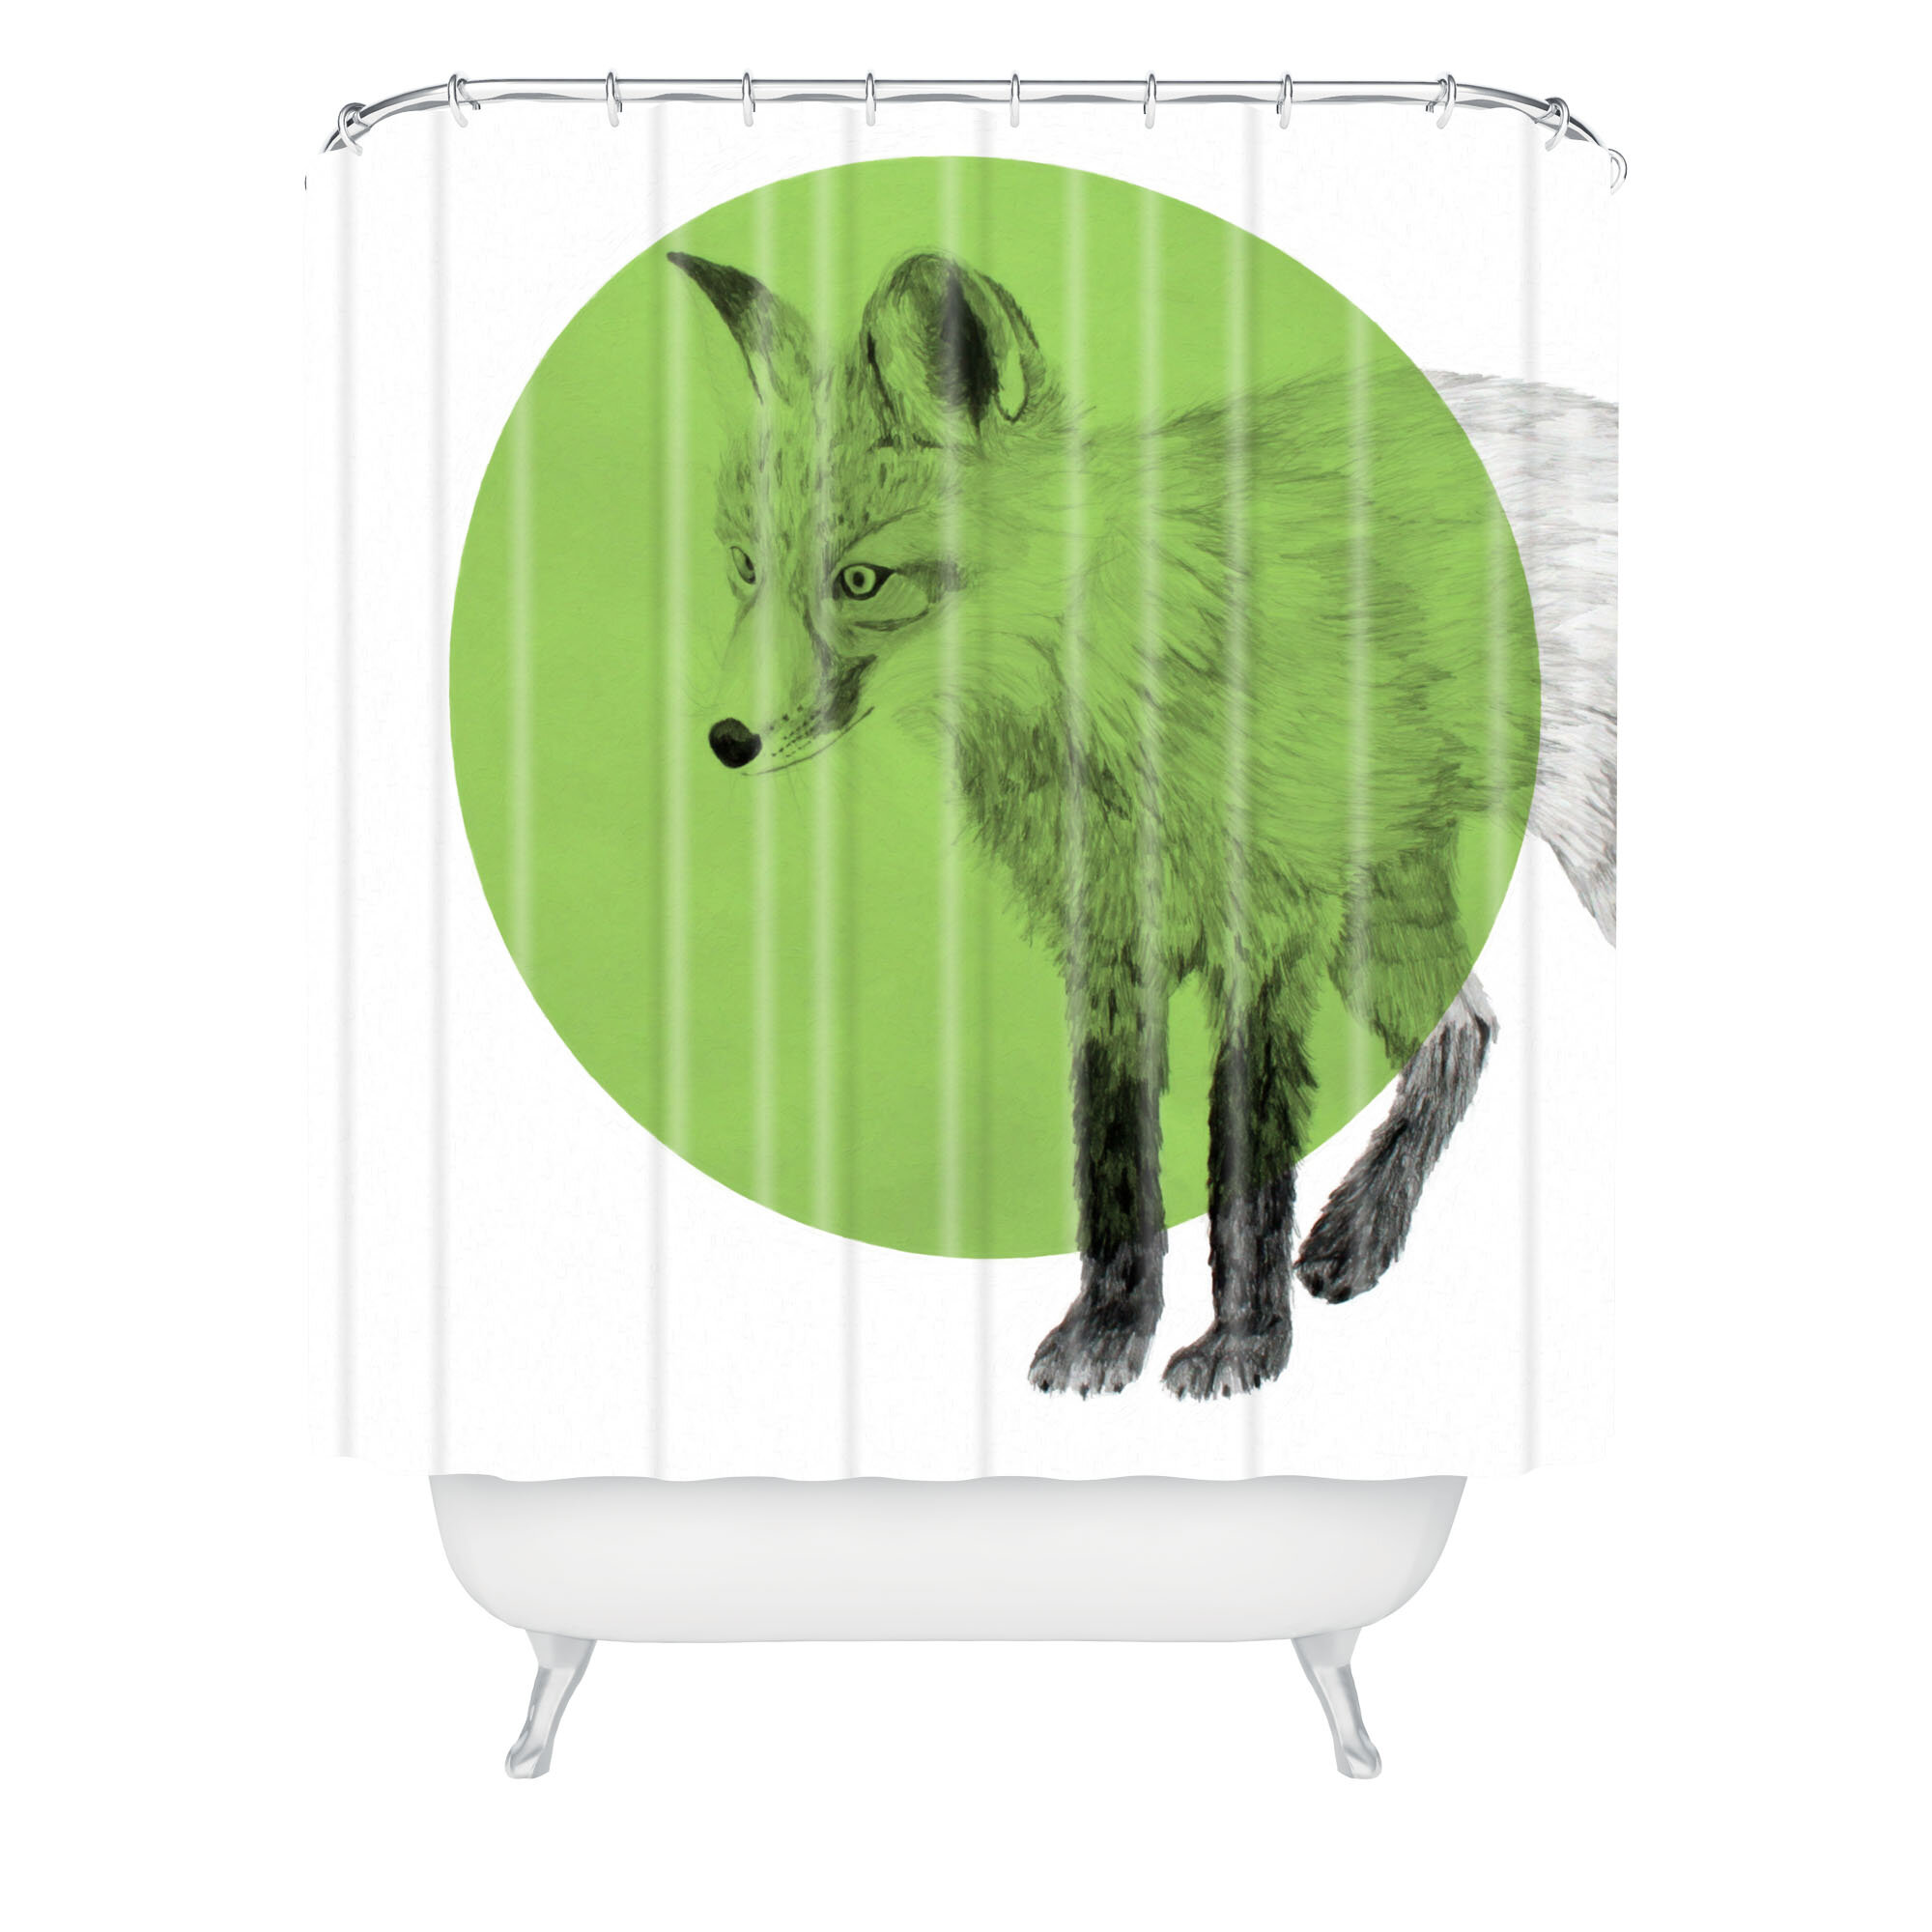 East Urban Home Morgan Kendall Fox Shower Curtain